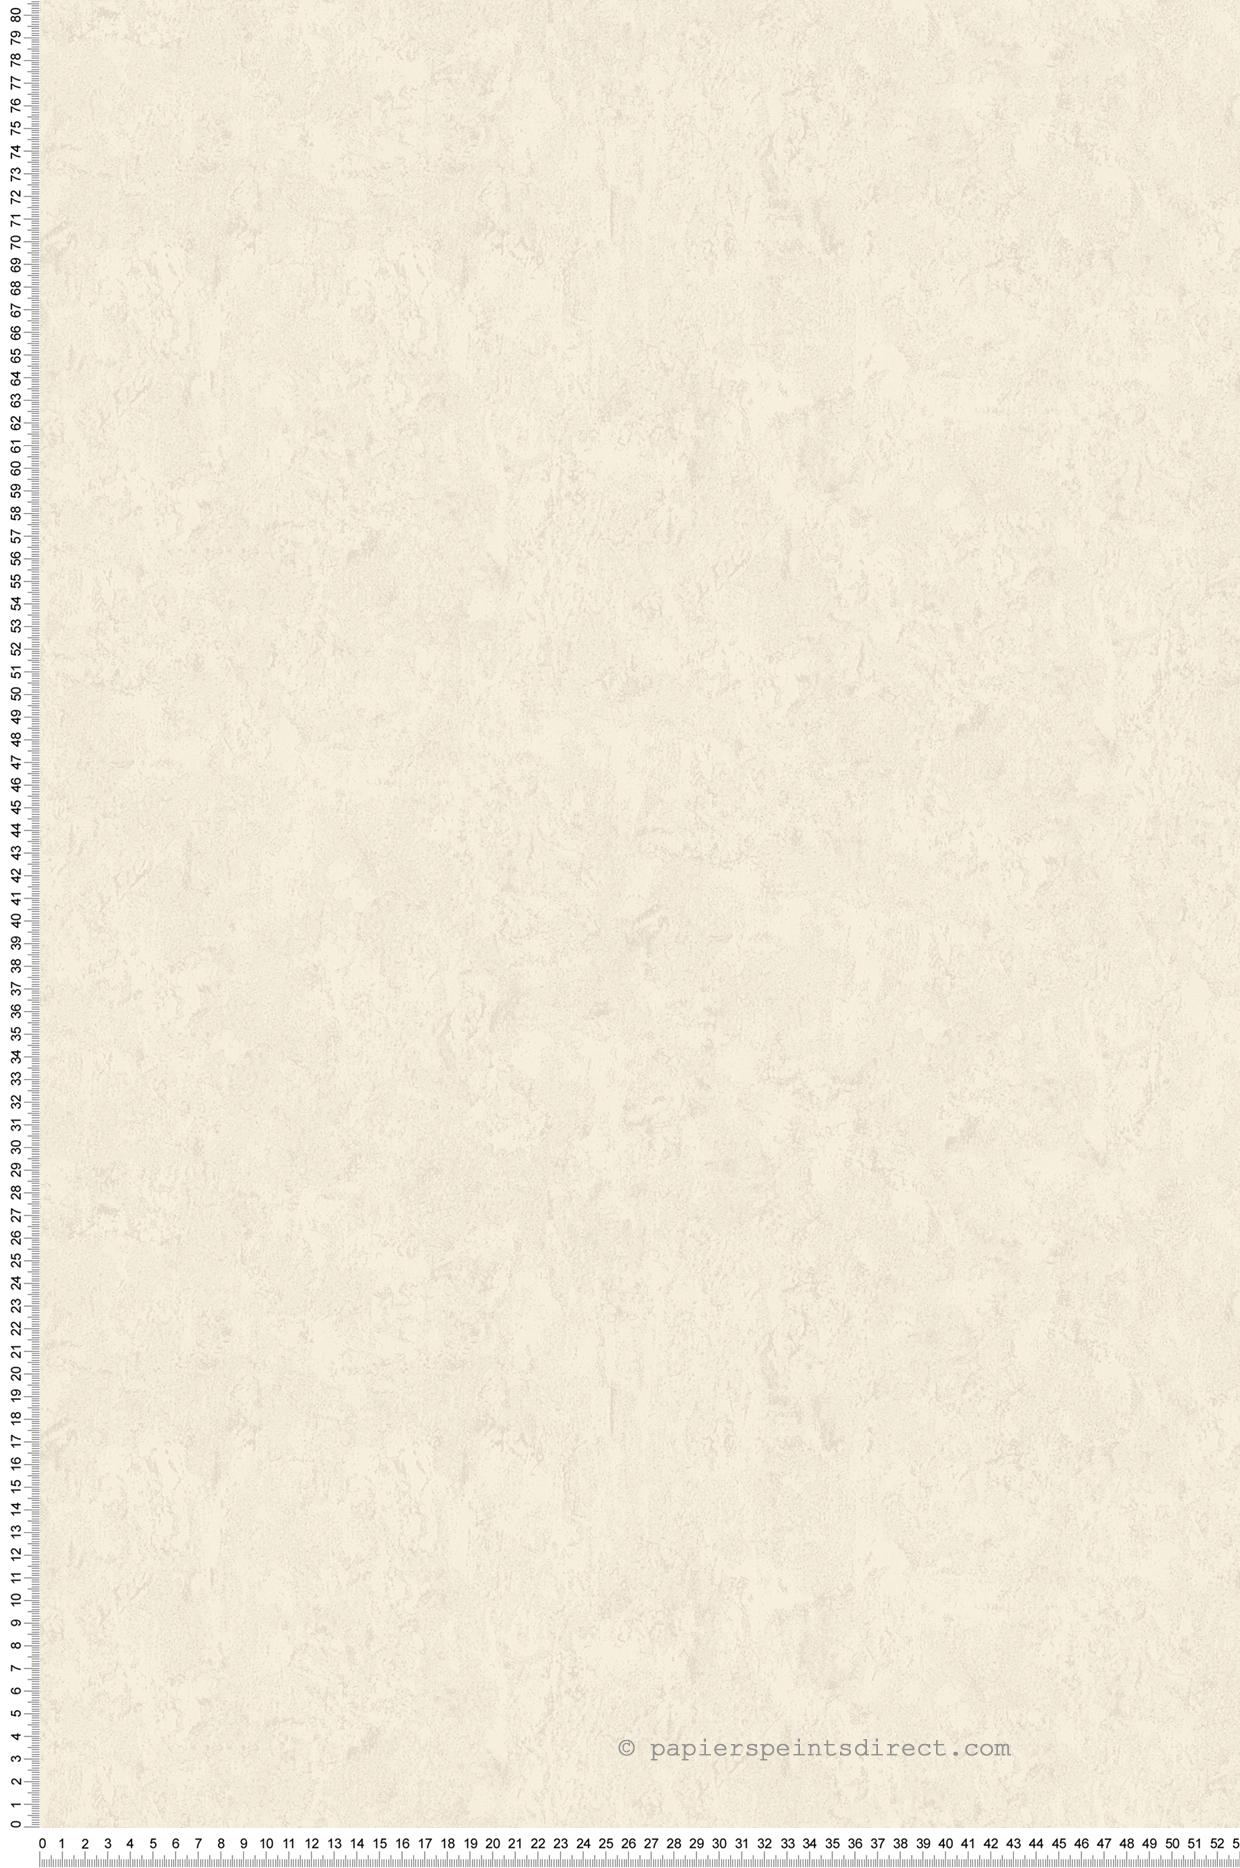 Papier Peint Effet Crepi papier peint uni crépi satiné blanc ivoire - romantico d'as